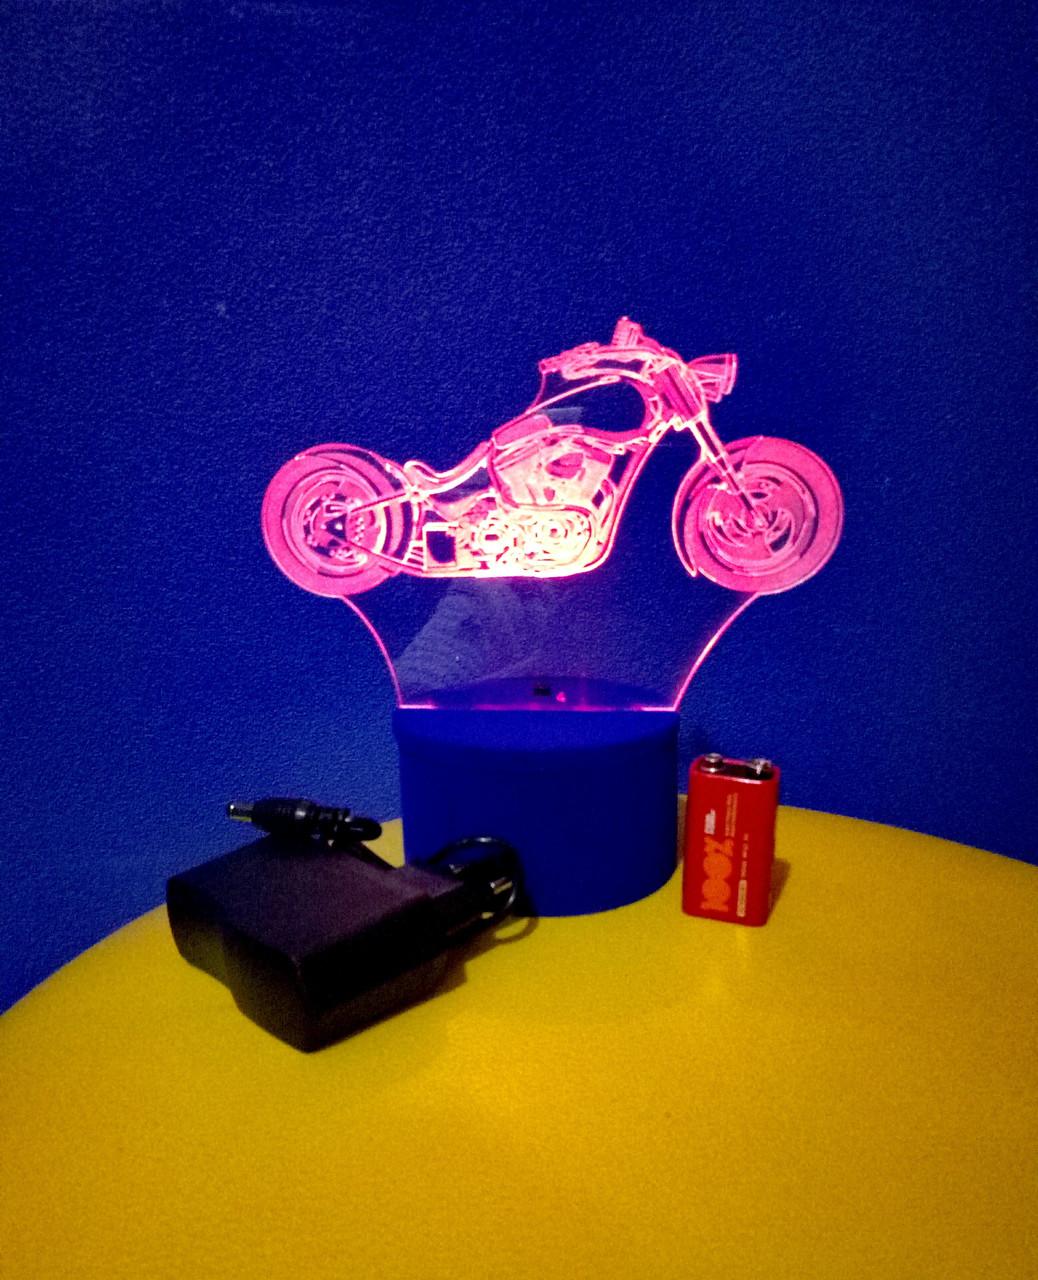 3d-світильник Чоппер, мотоцикл, 3д-нічник, кілька підсвічувань (батарейка+220В)